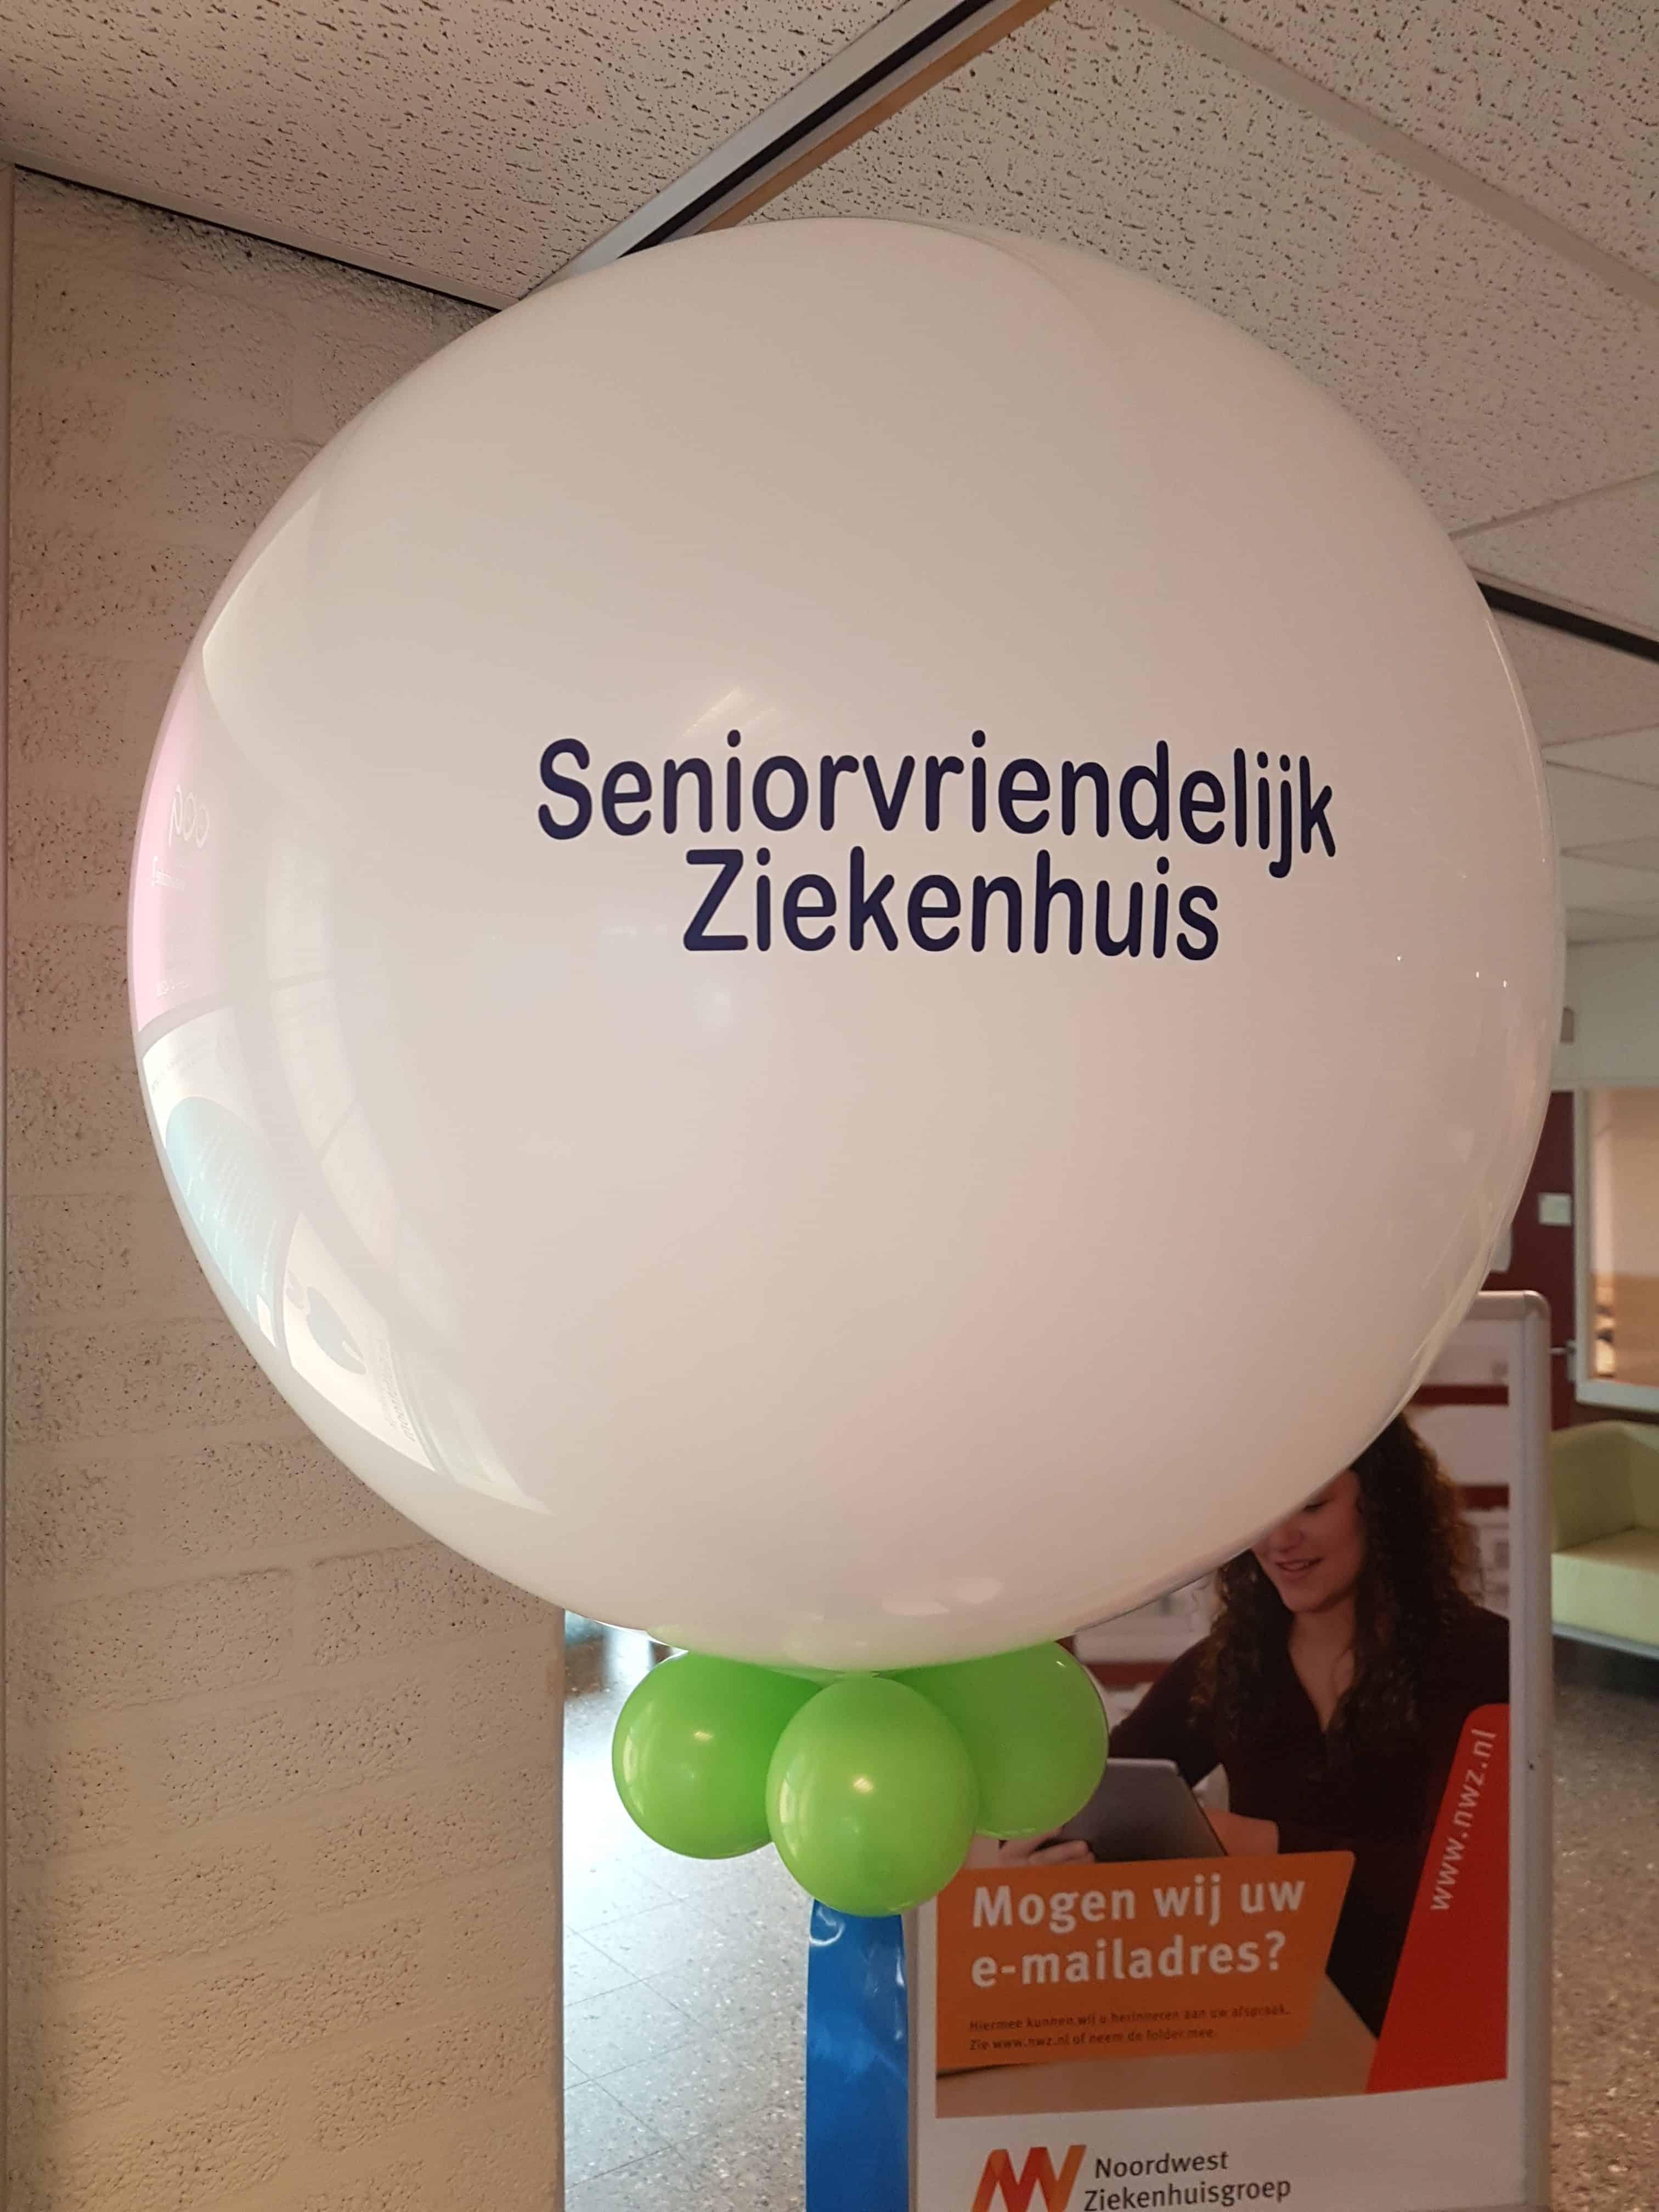 Noordwest-Ziekenhuisgroep-Alkmaar-prijs-gewonnen-Seniorvriendelijk-bedrukte-ballon